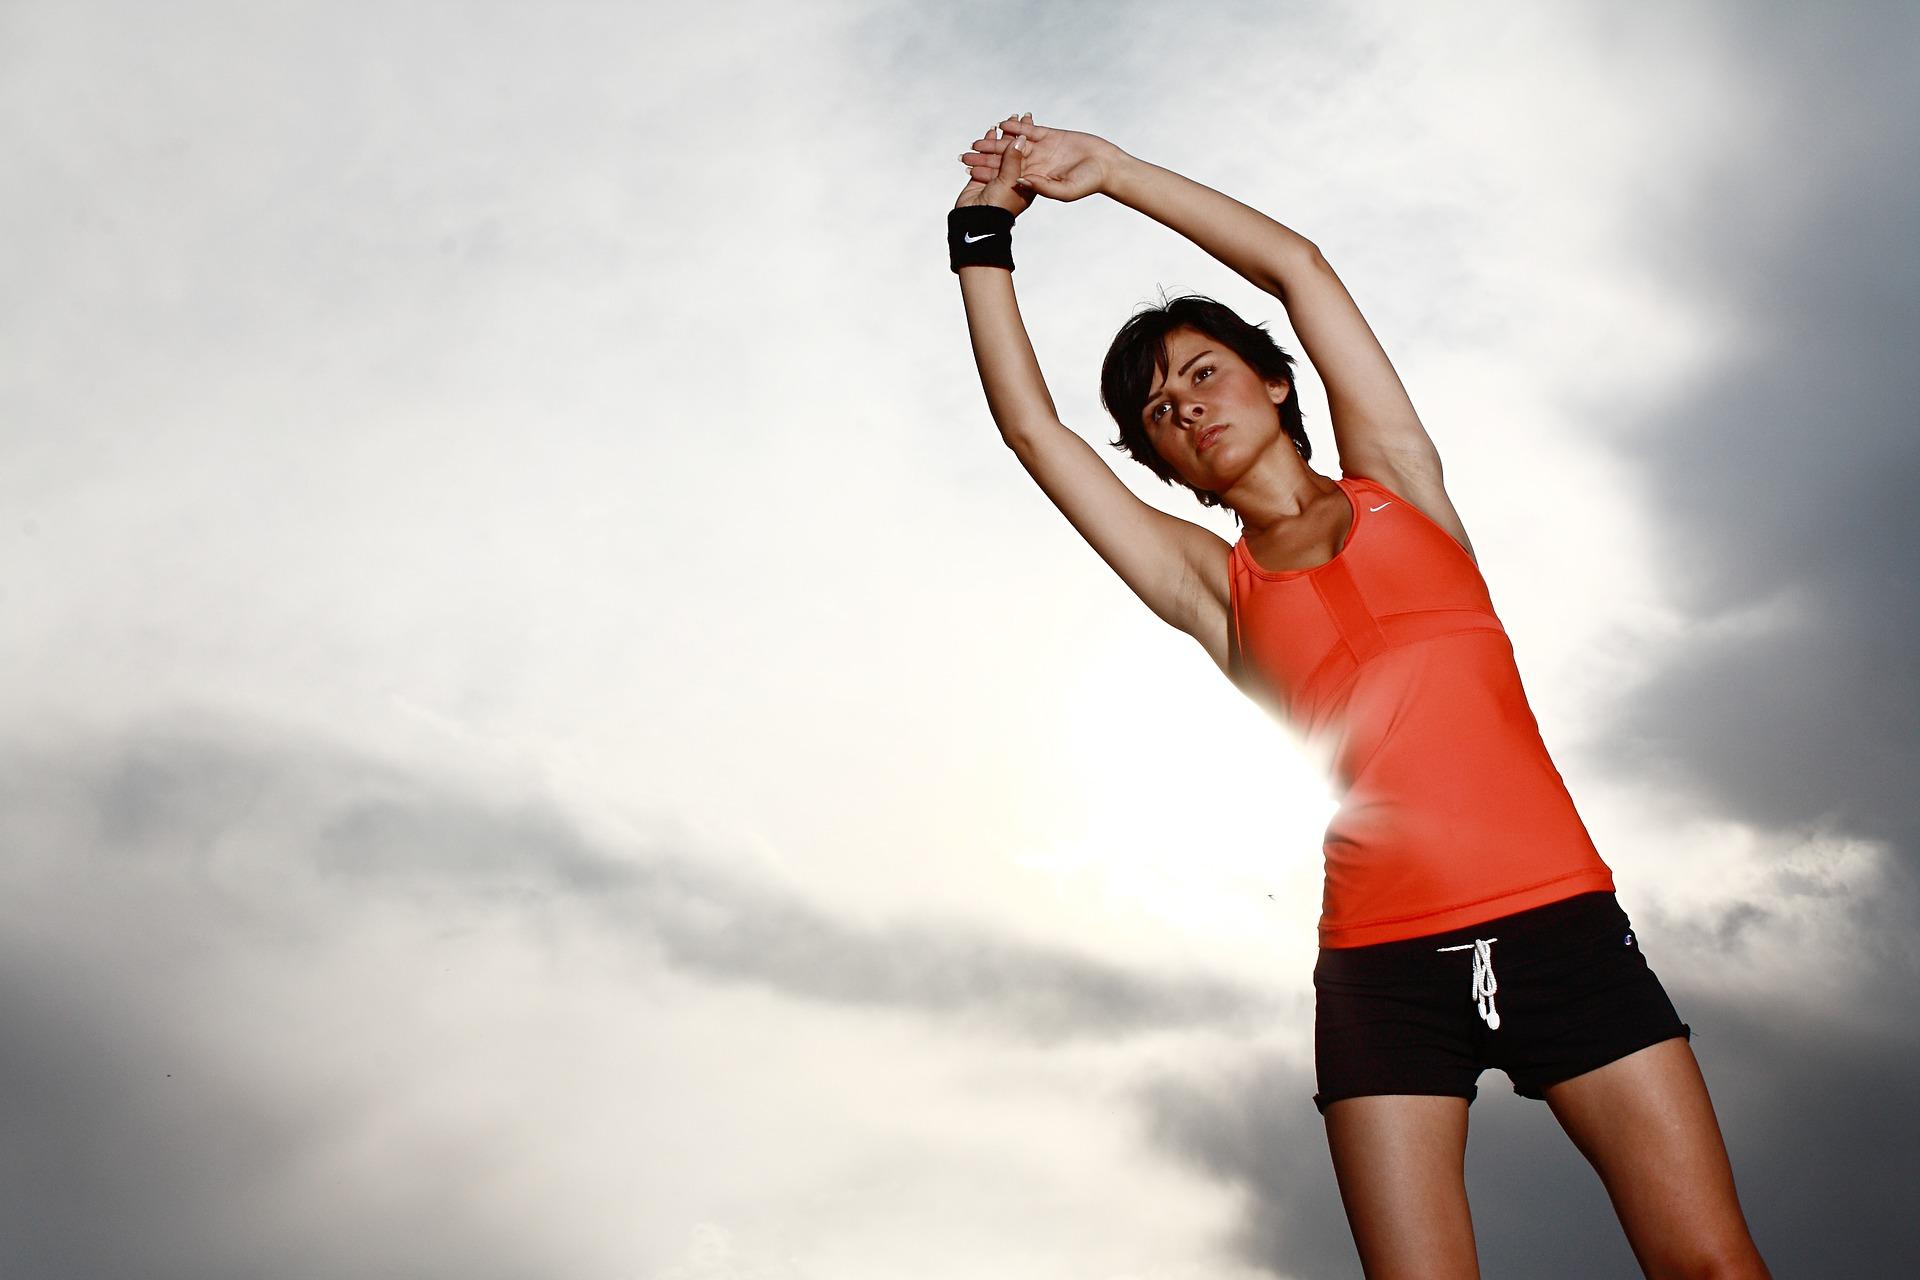 Esercizi per perdere massa grassa velocemente a casa o in palestra